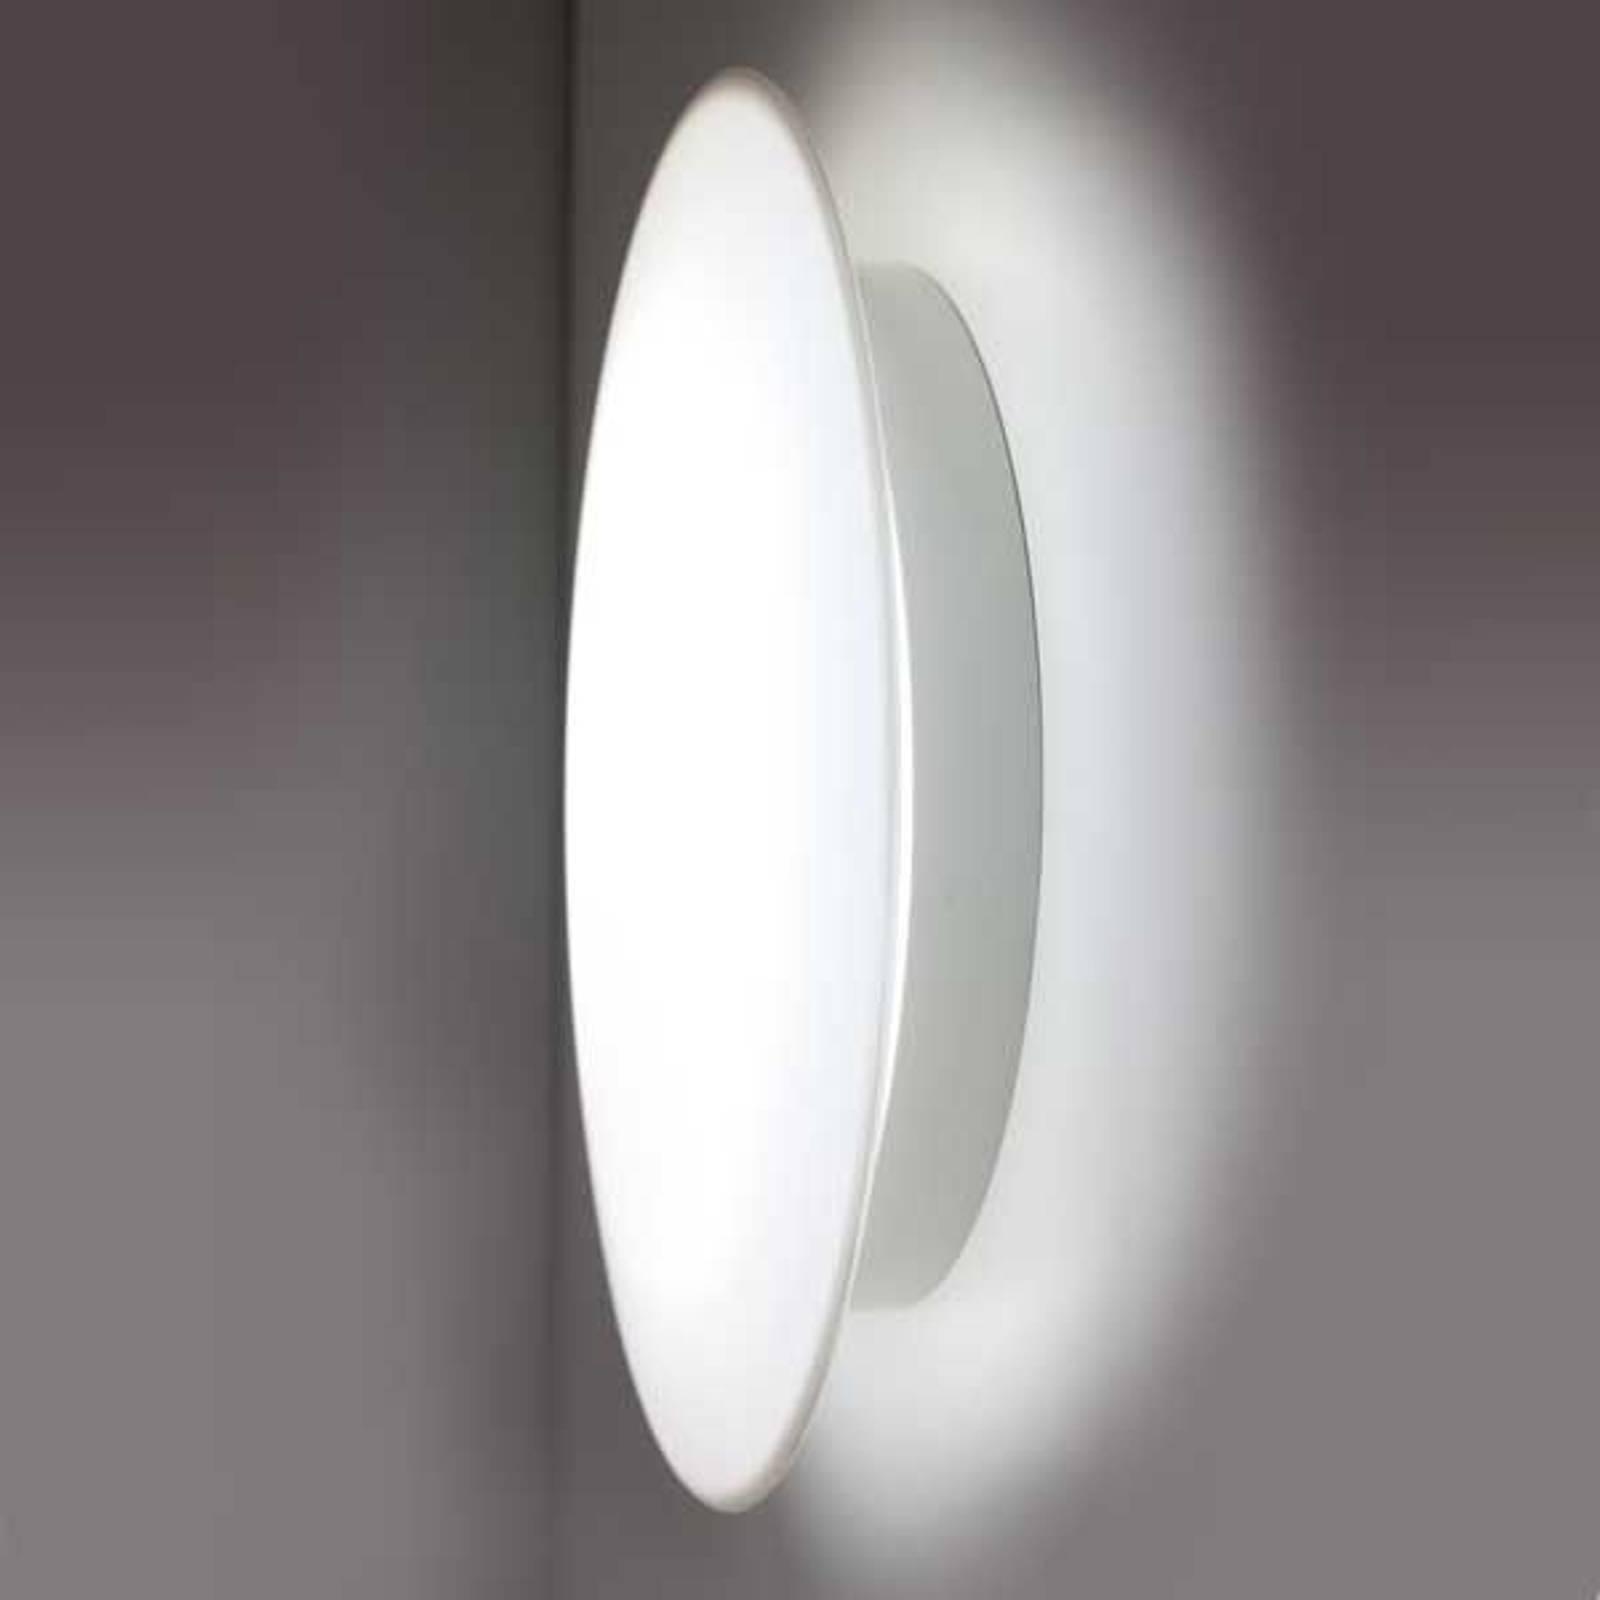 Bilde av Fremtidsrettet Sun 3 Led-lampe I Hvitt, 13 W 4 K